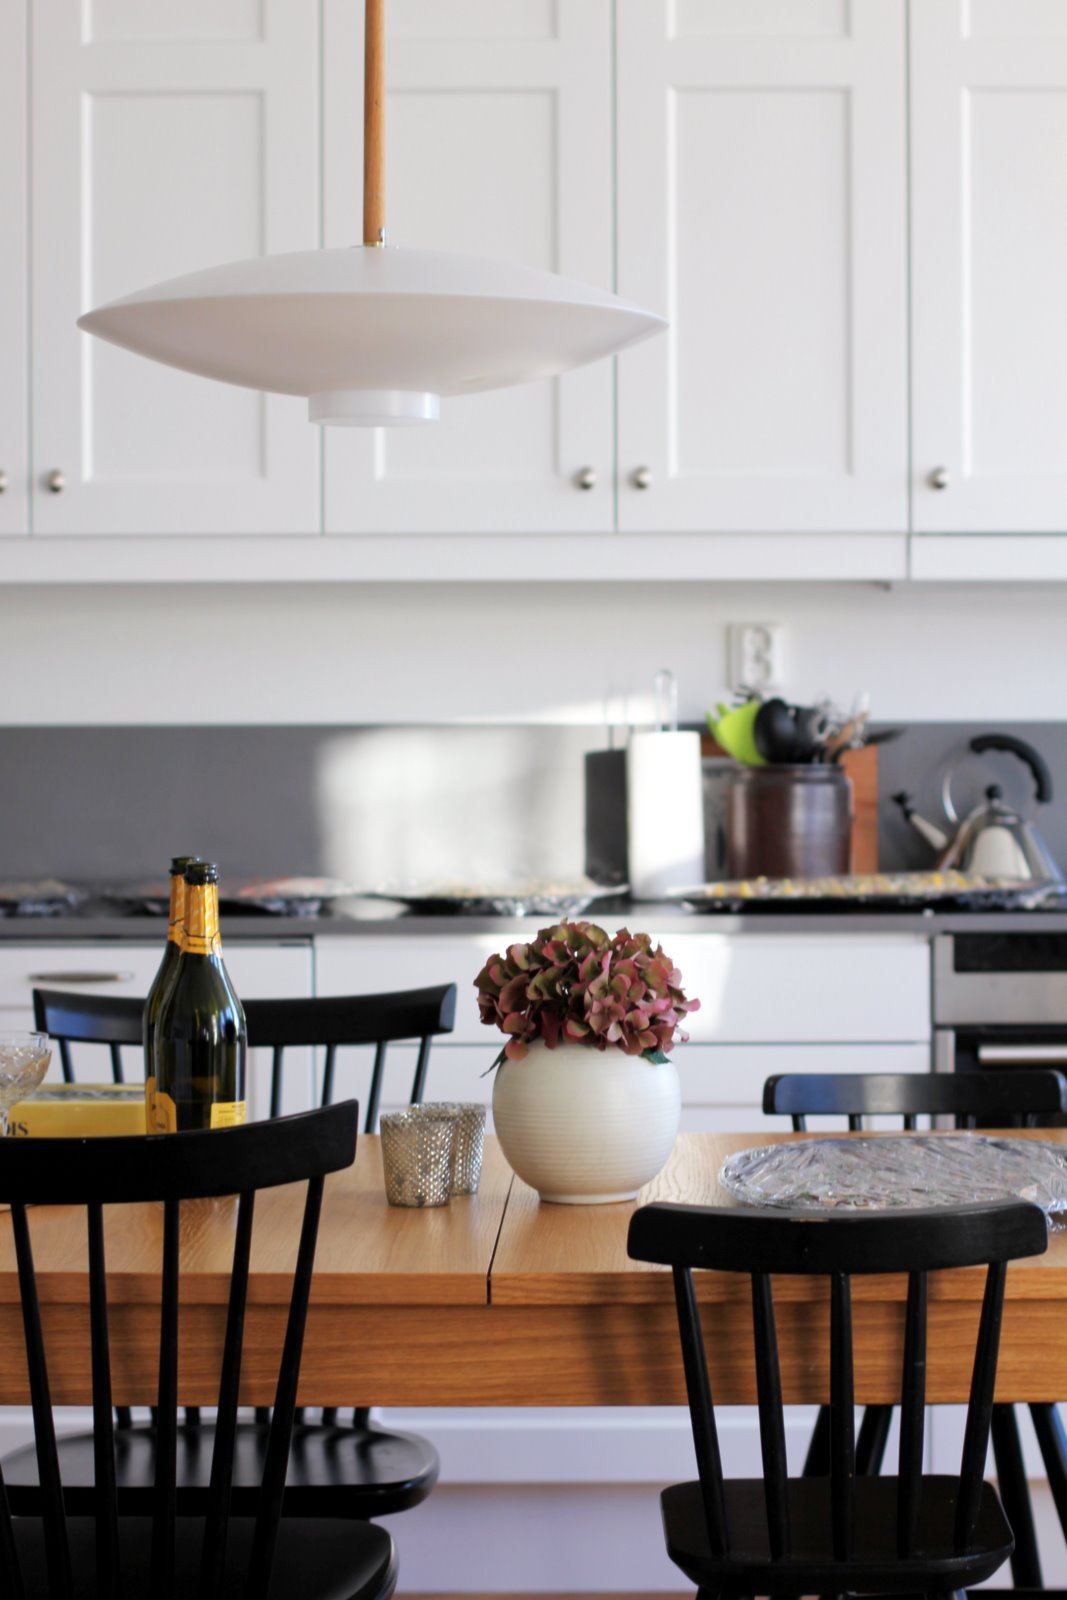 Kok Med Bursprak :  kok i den hor luftiga matsalen med ett stort underbart bursprok